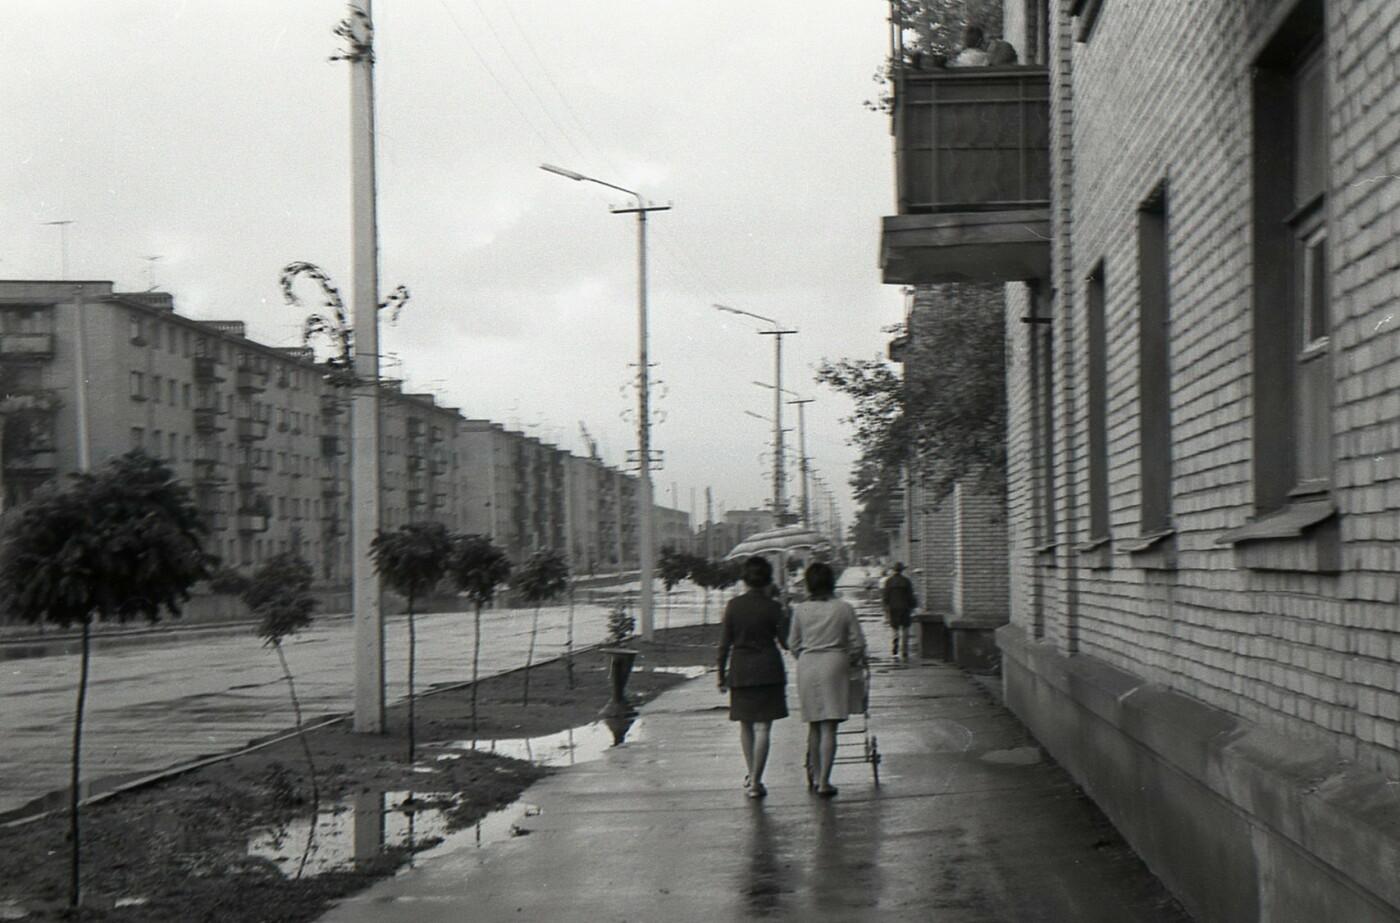 Жилмассив Северный в Днепре: как он выглядел в XX веке и сейчас, - ФОТО, фото-1